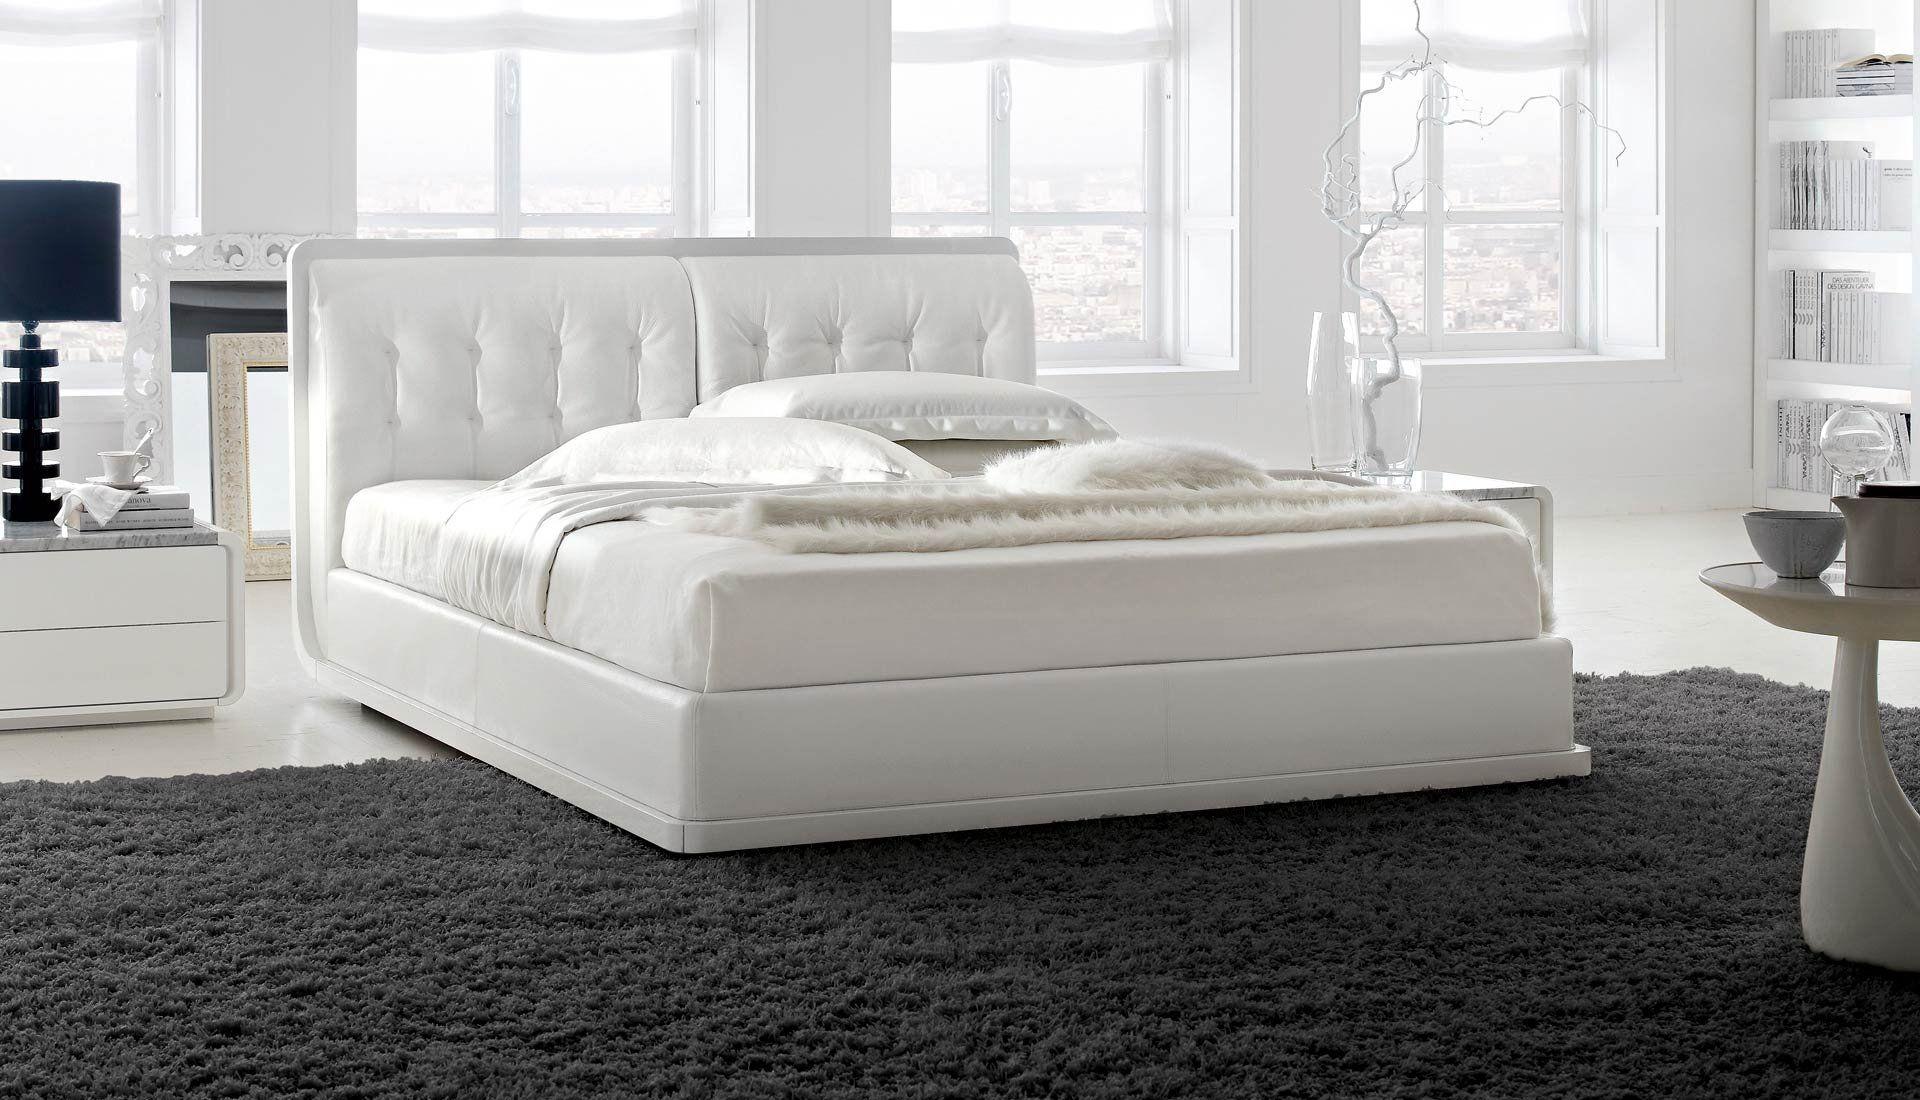 Pin di zanette arredamento su letti in legno wooden beds for Zanette letti